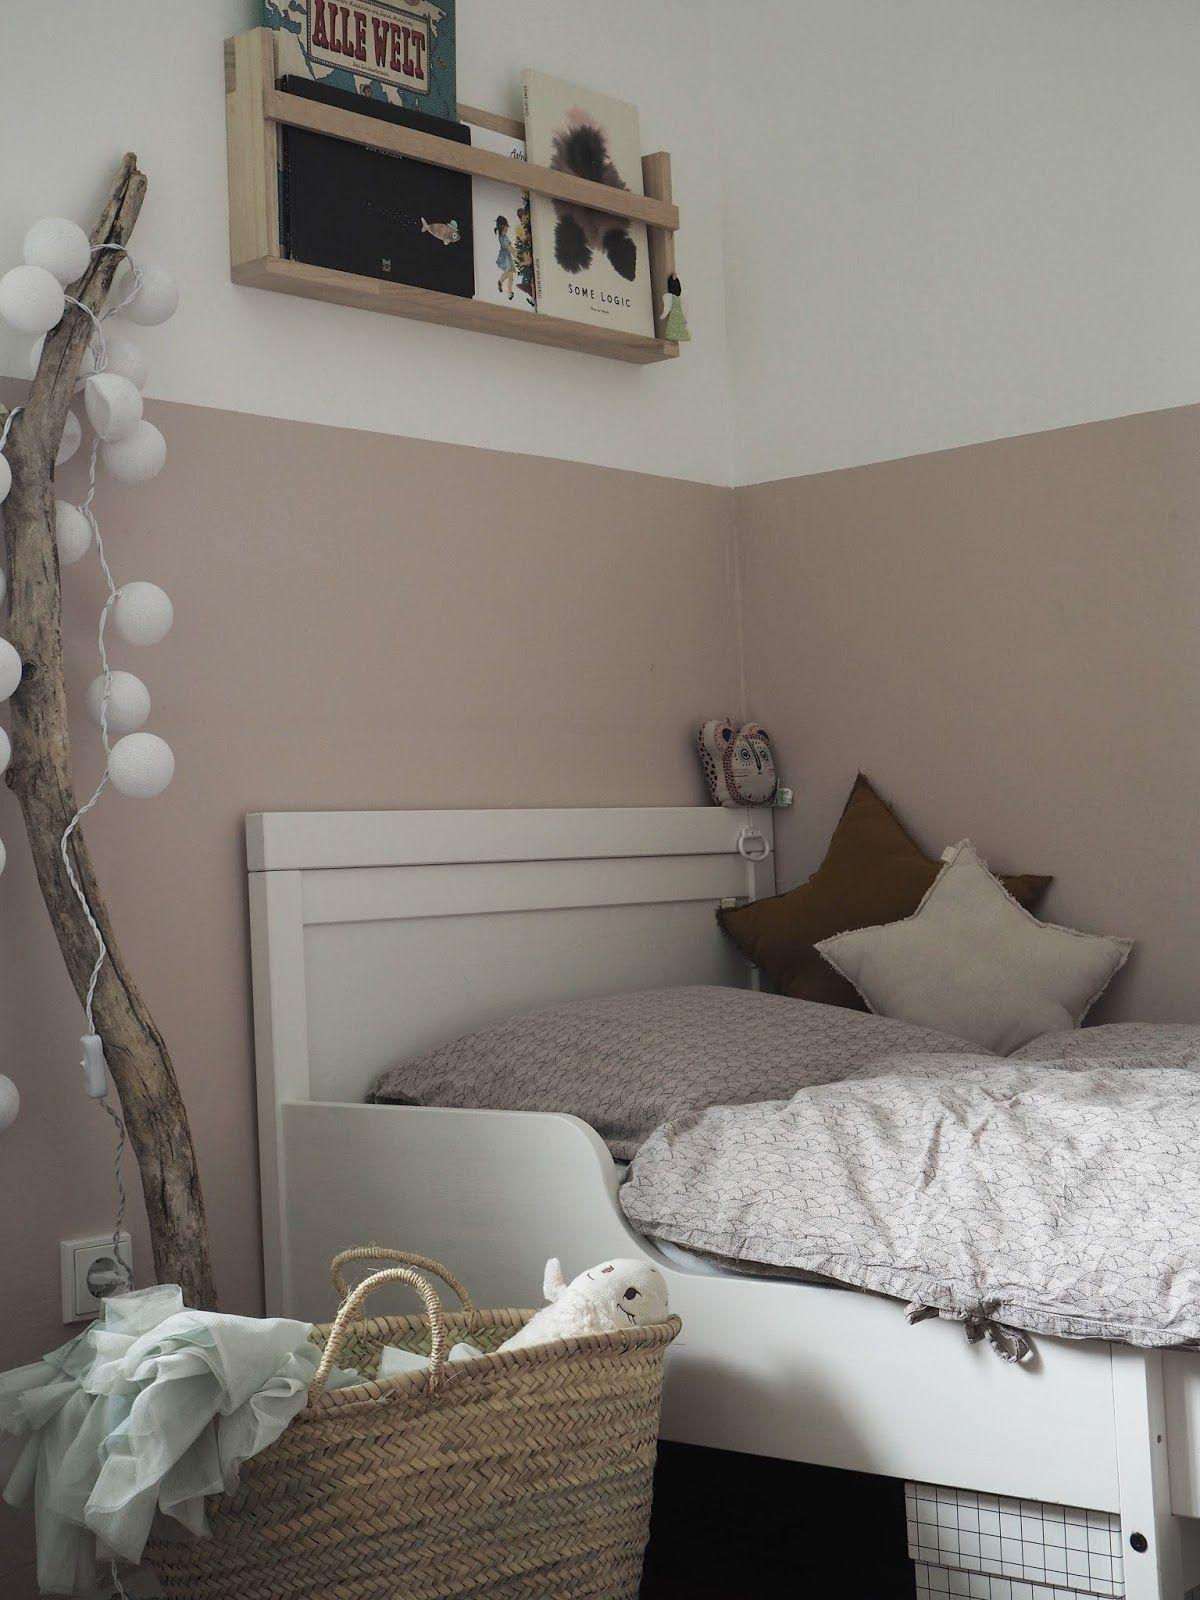 ja ich bekenne mich dazu ich hab einen kinderbettw sche tick ihr auch na dann freut ihr euch. Black Bedroom Furniture Sets. Home Design Ideas